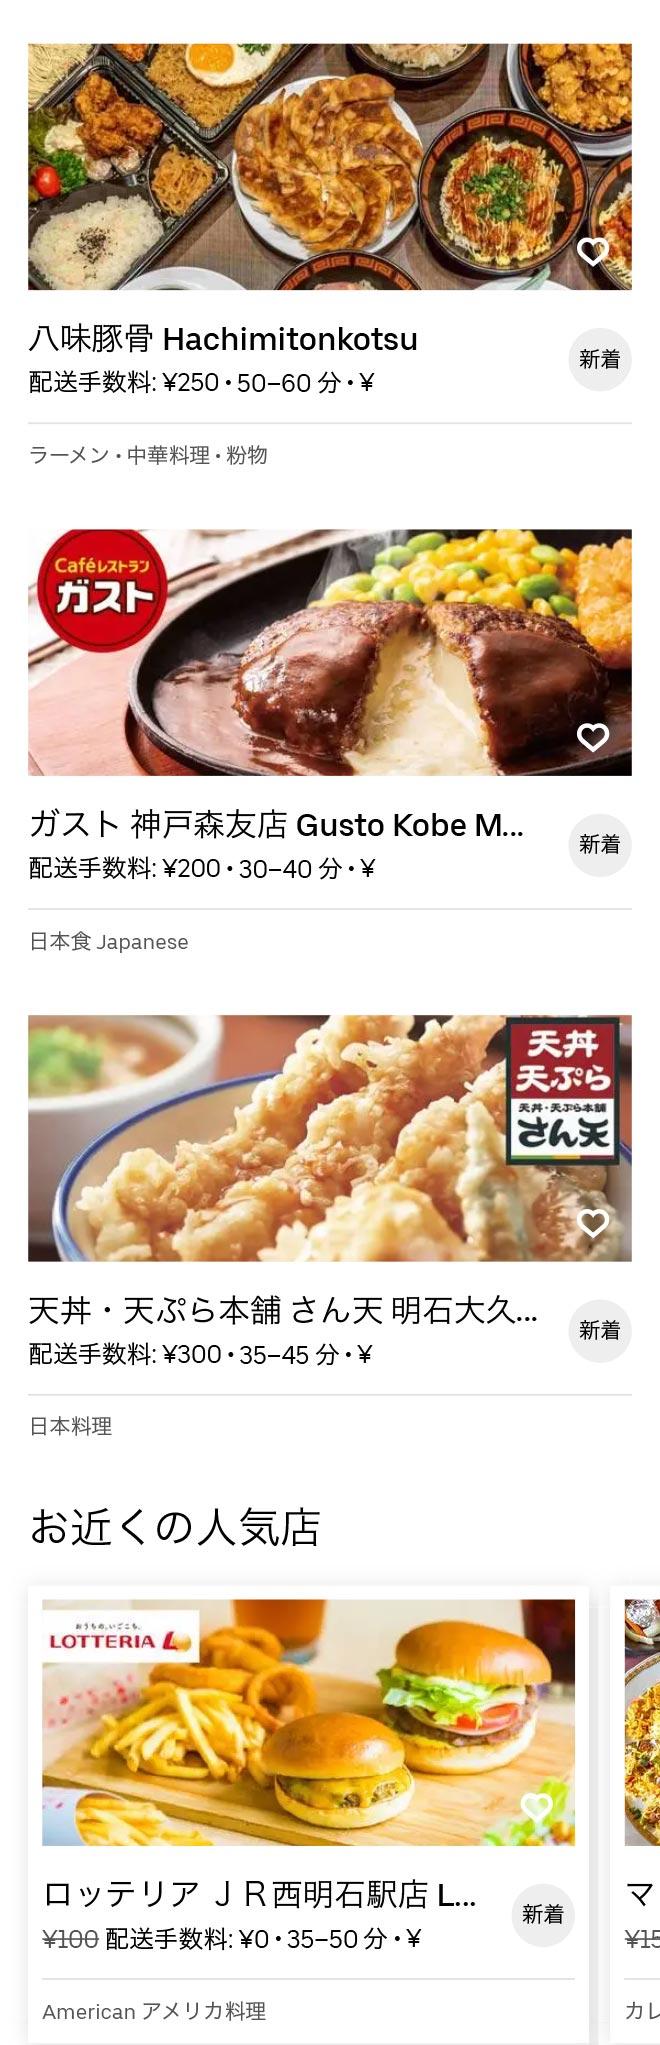 Nishi akashi menu 2010 05